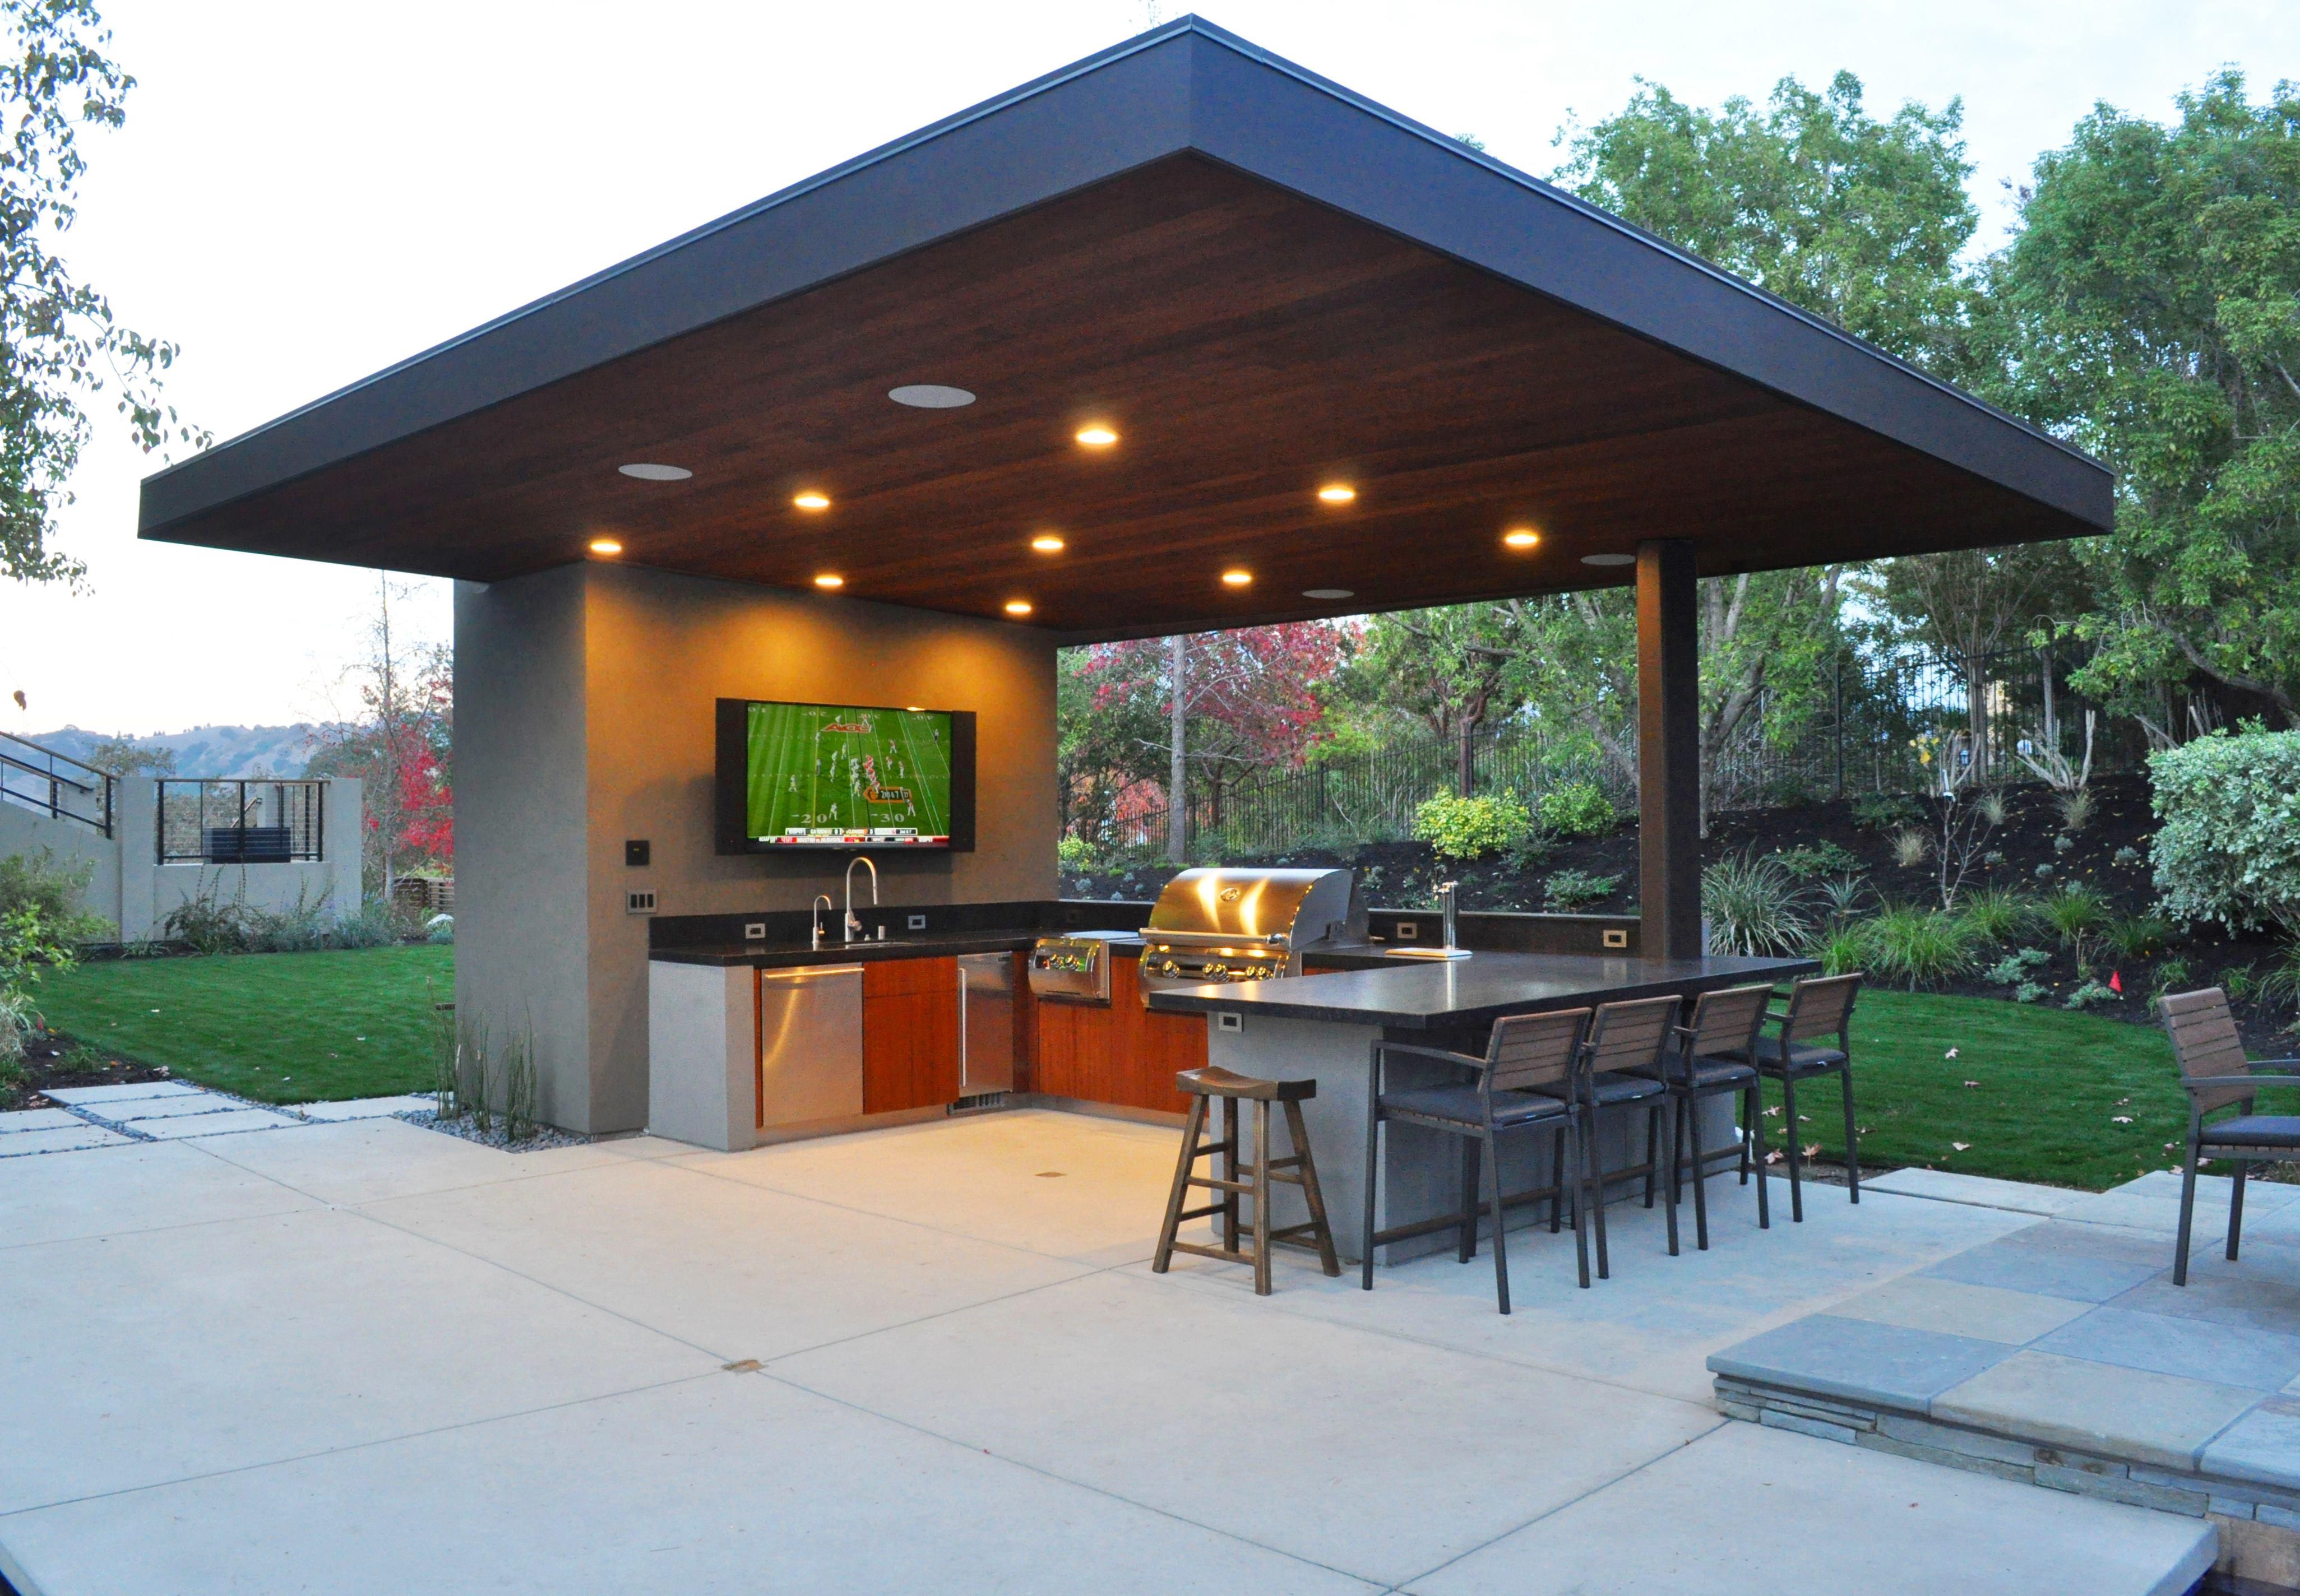 10 Outdoor Kitchen Designs We Love | Builder Magazine on Backyard Kitchen Design id=36453